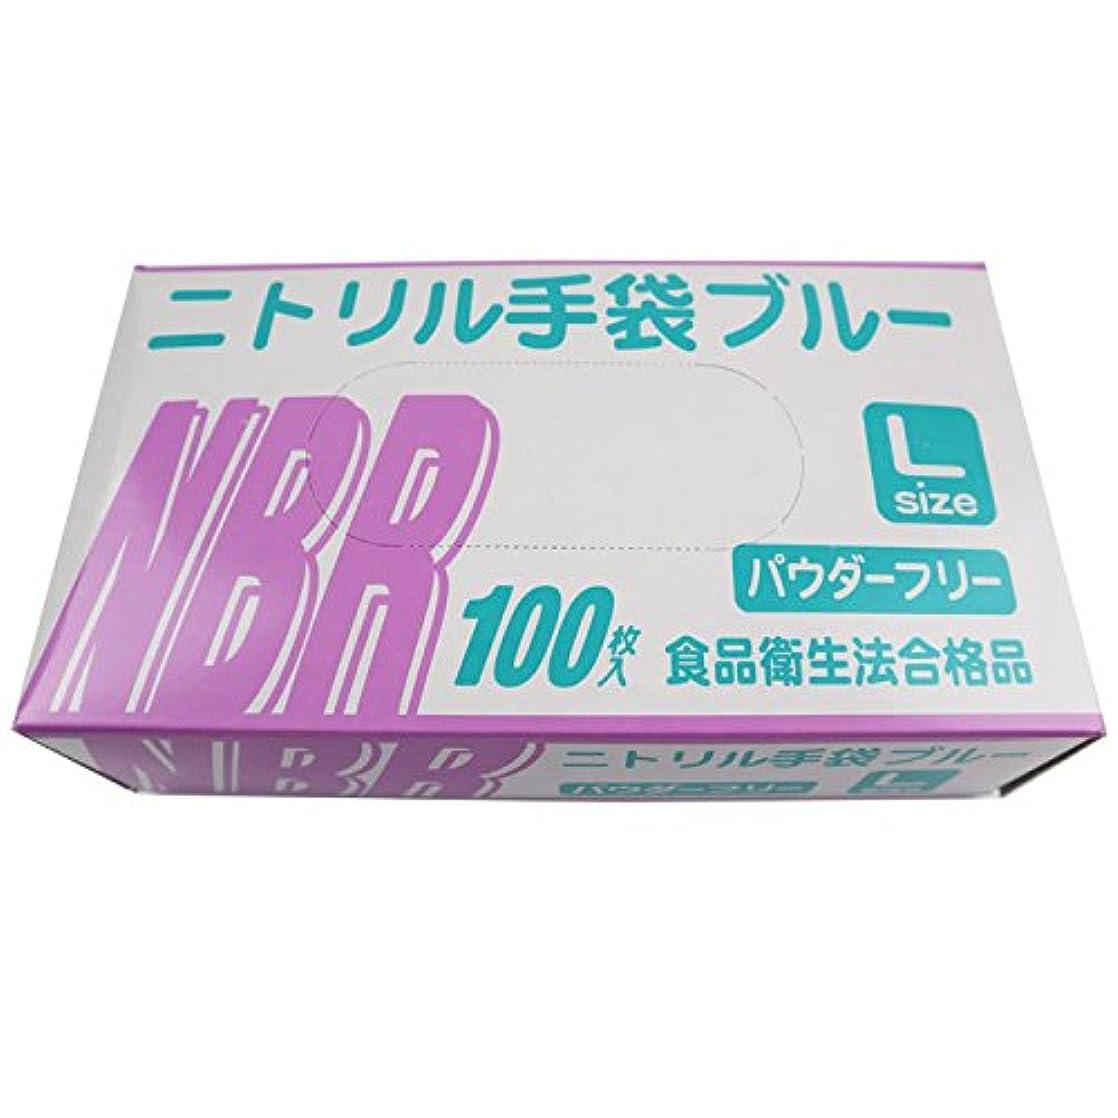 超える偽造誤解使い捨て手袋 ニトリル グローブ ブルー 食品衛生法合格品 粉なし 100枚入×20個セット Lサイズ